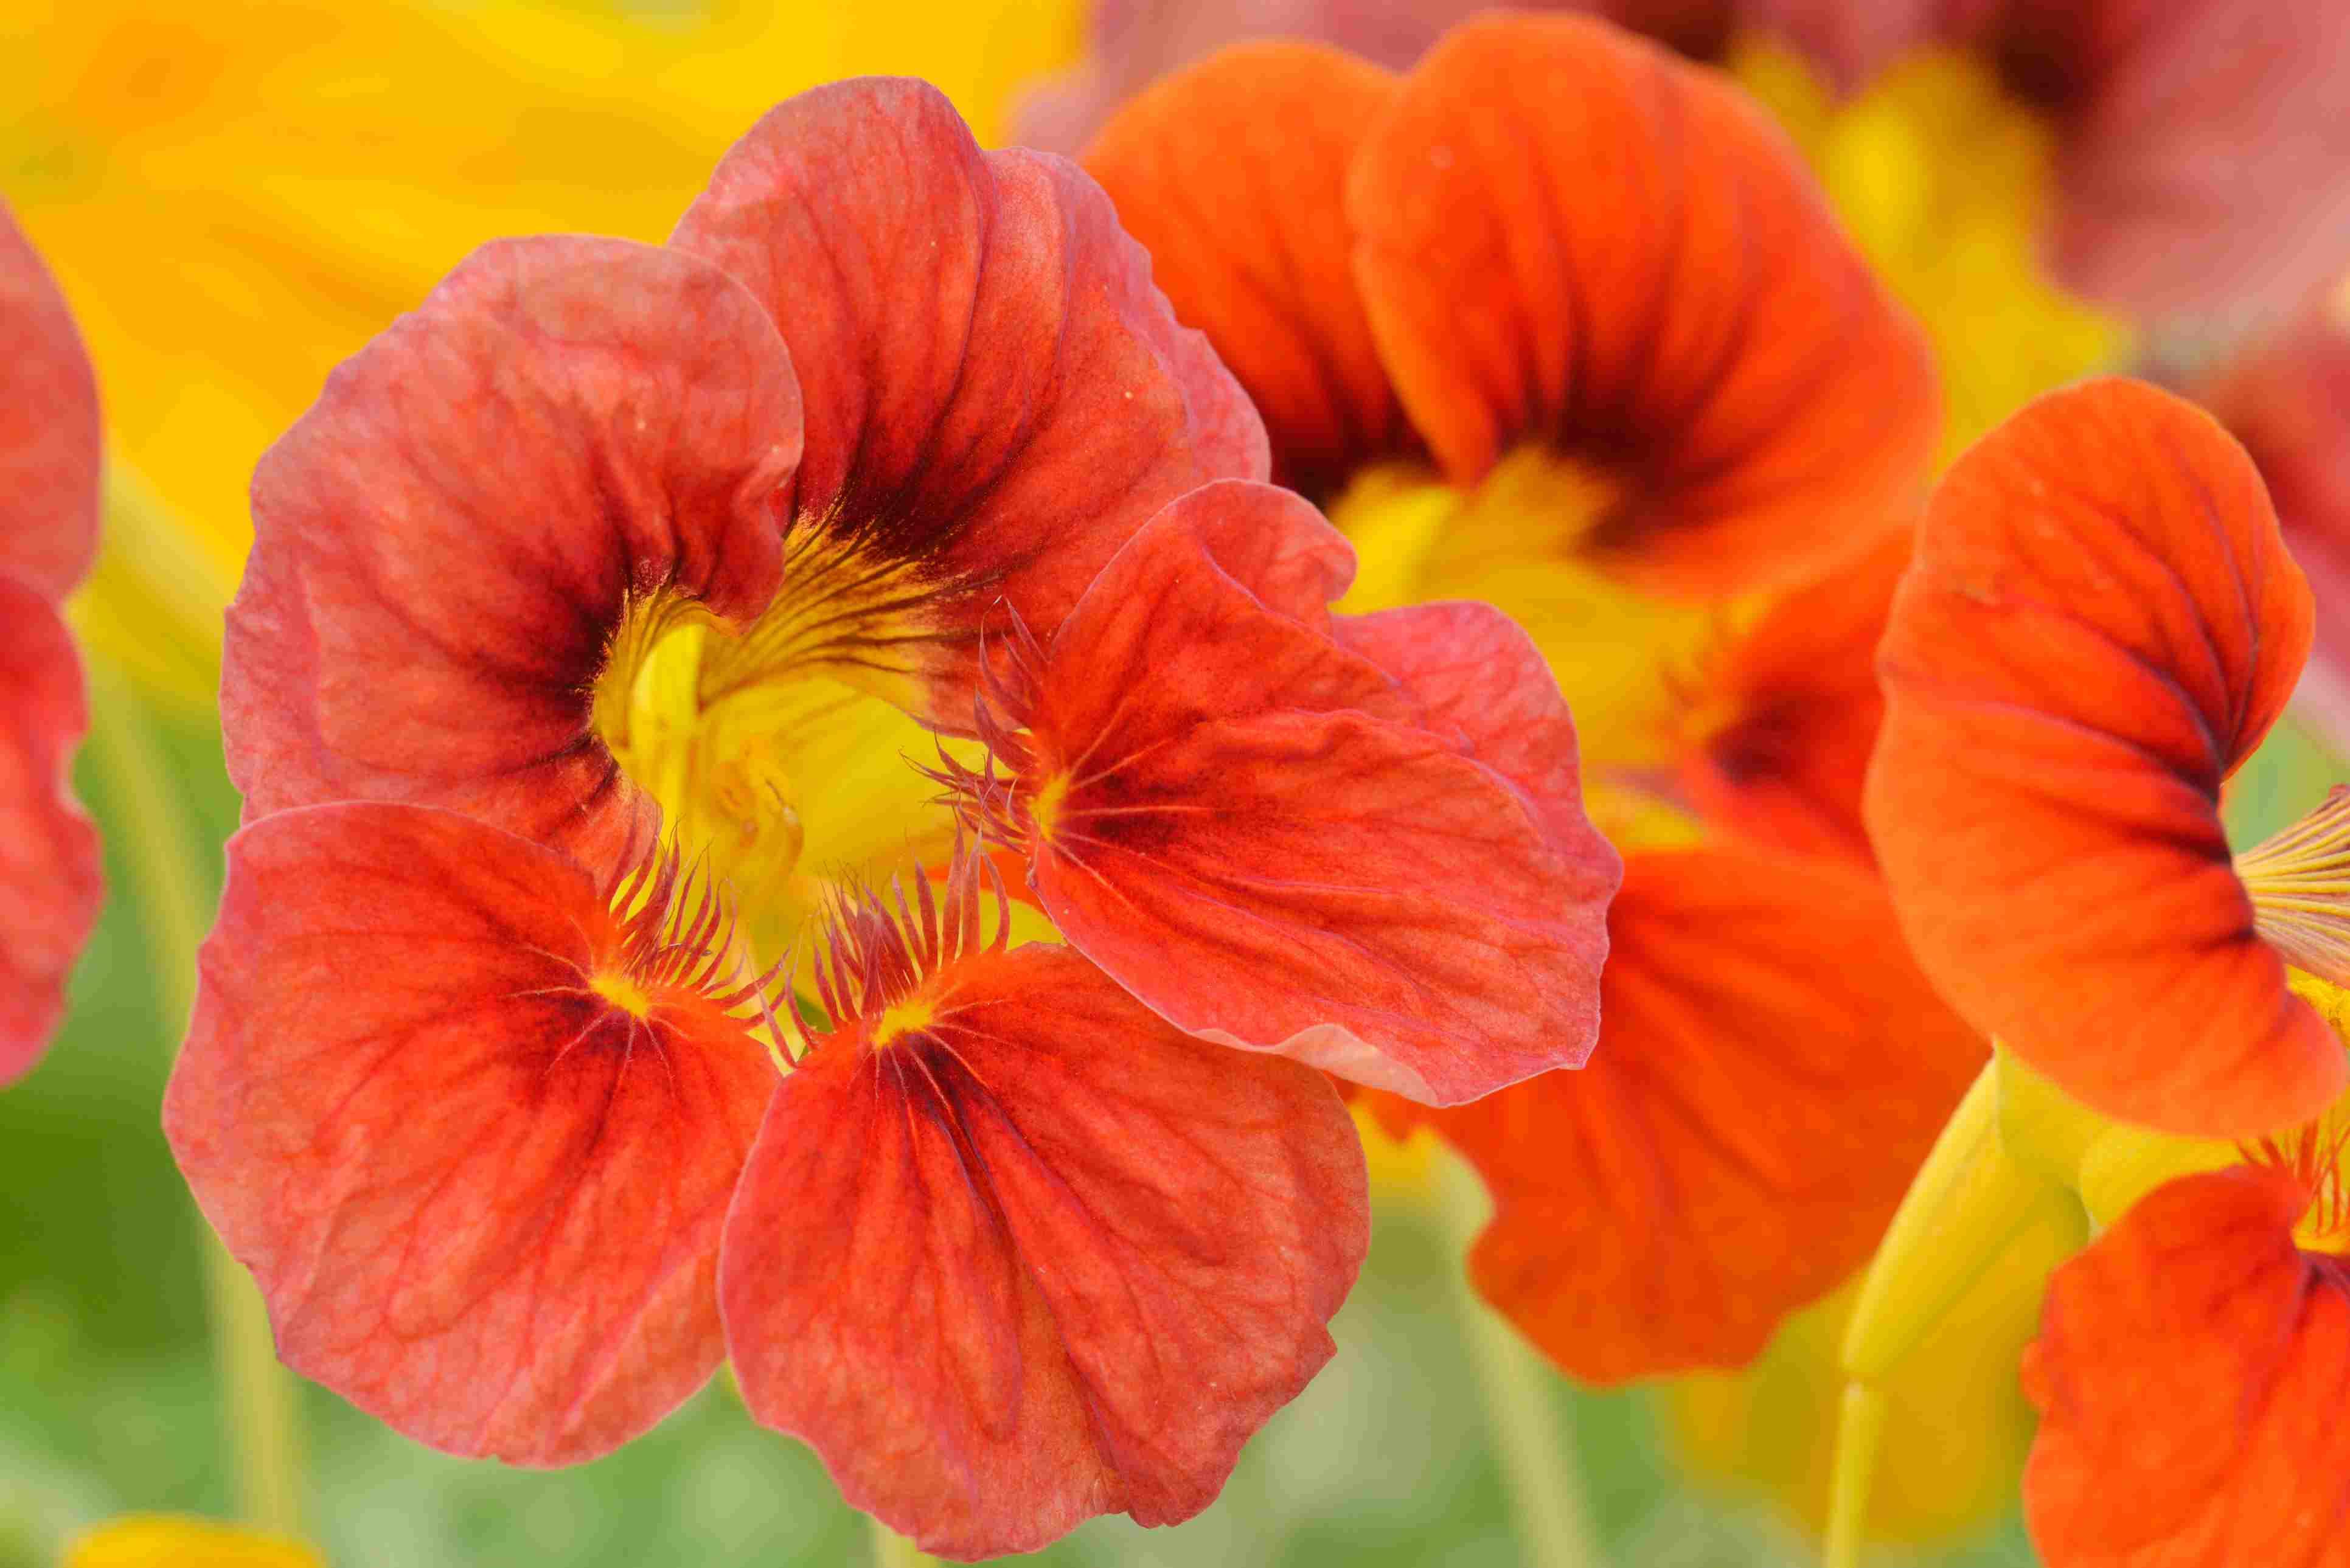 Nasturium blooms